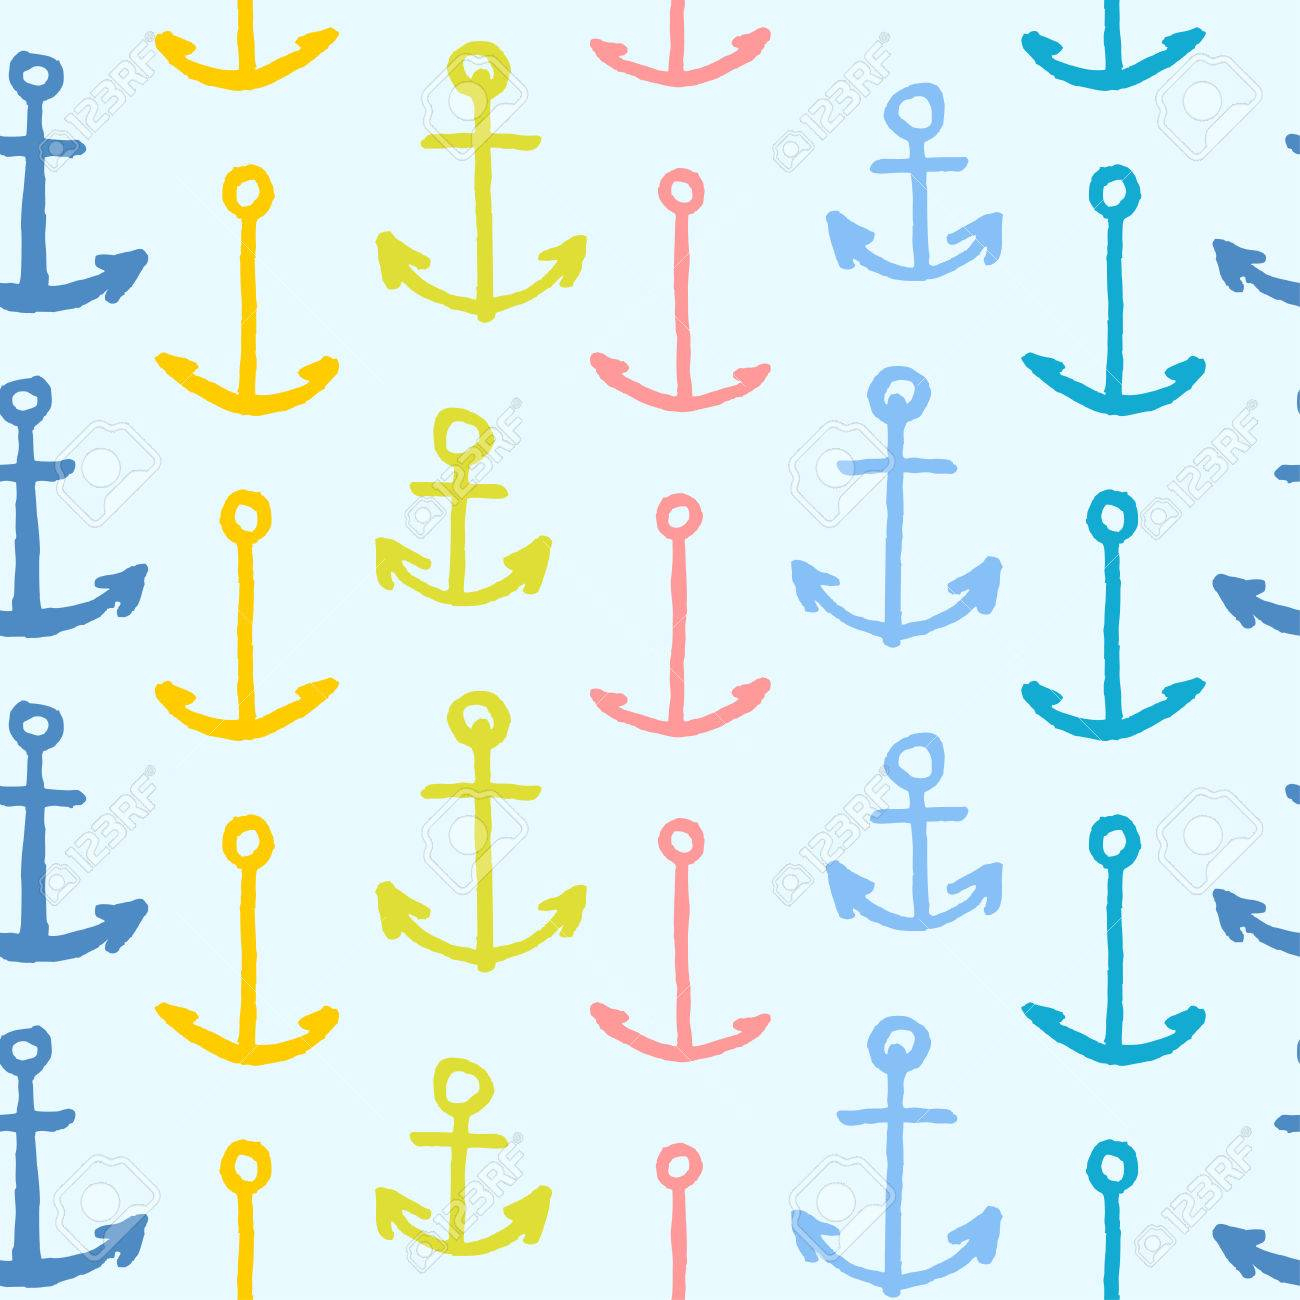 Vecteur, Seamless, Modèle, Gratuit, Main, Dessiné, Dessin Animé, Ancres,  Bleu, Fond avec Modele De Dessin Gratuit